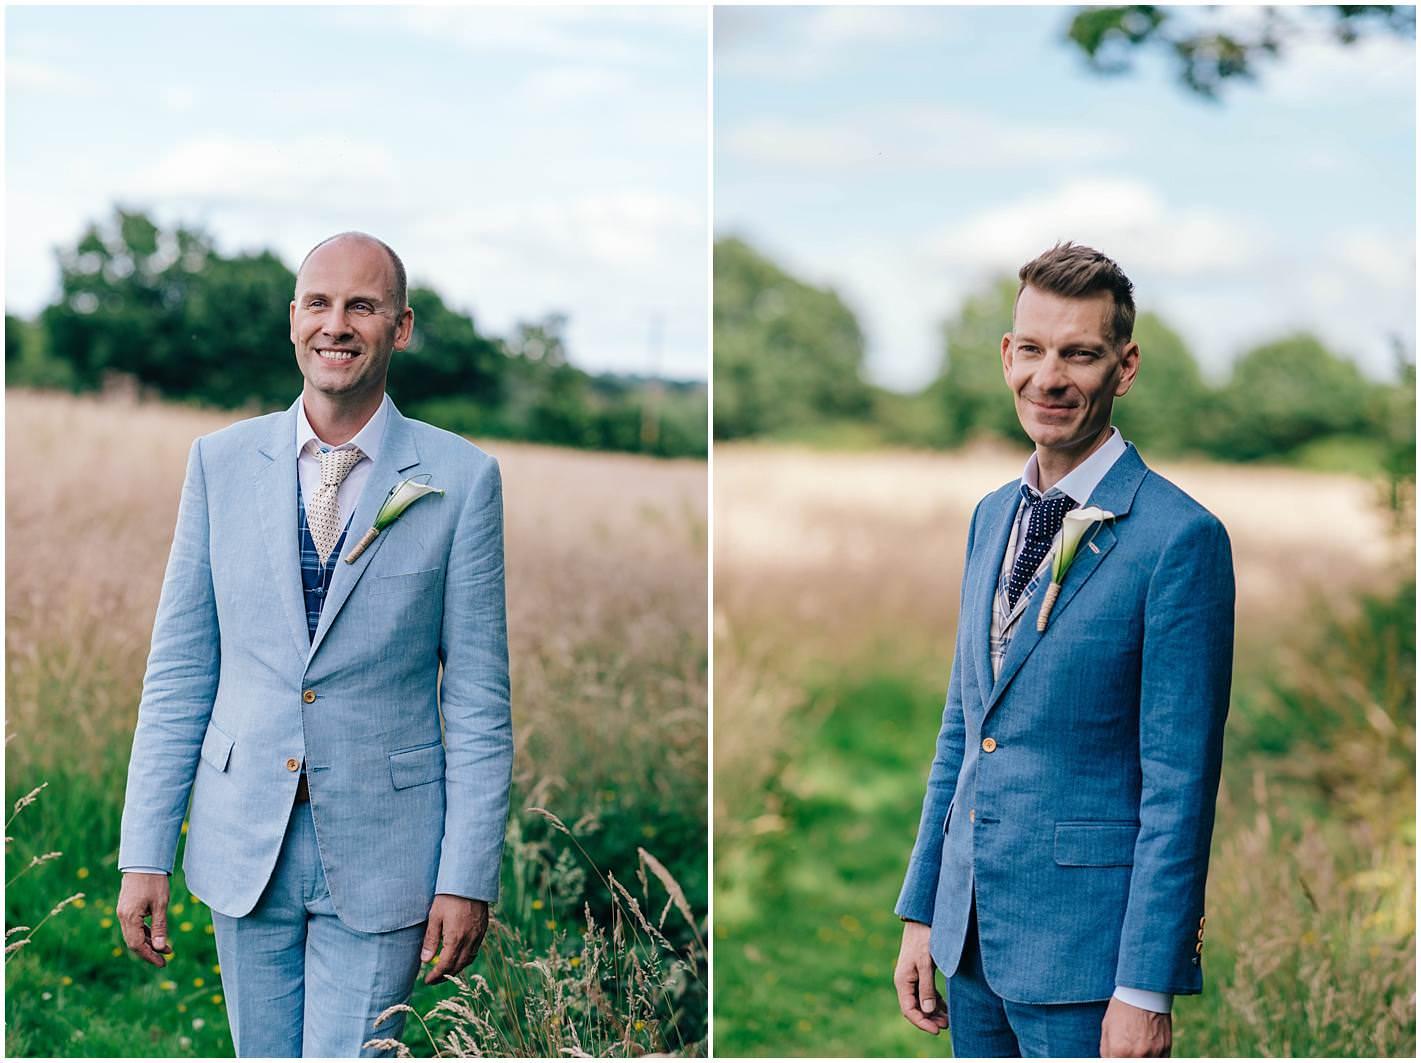 coldharbour-farm-wedding235